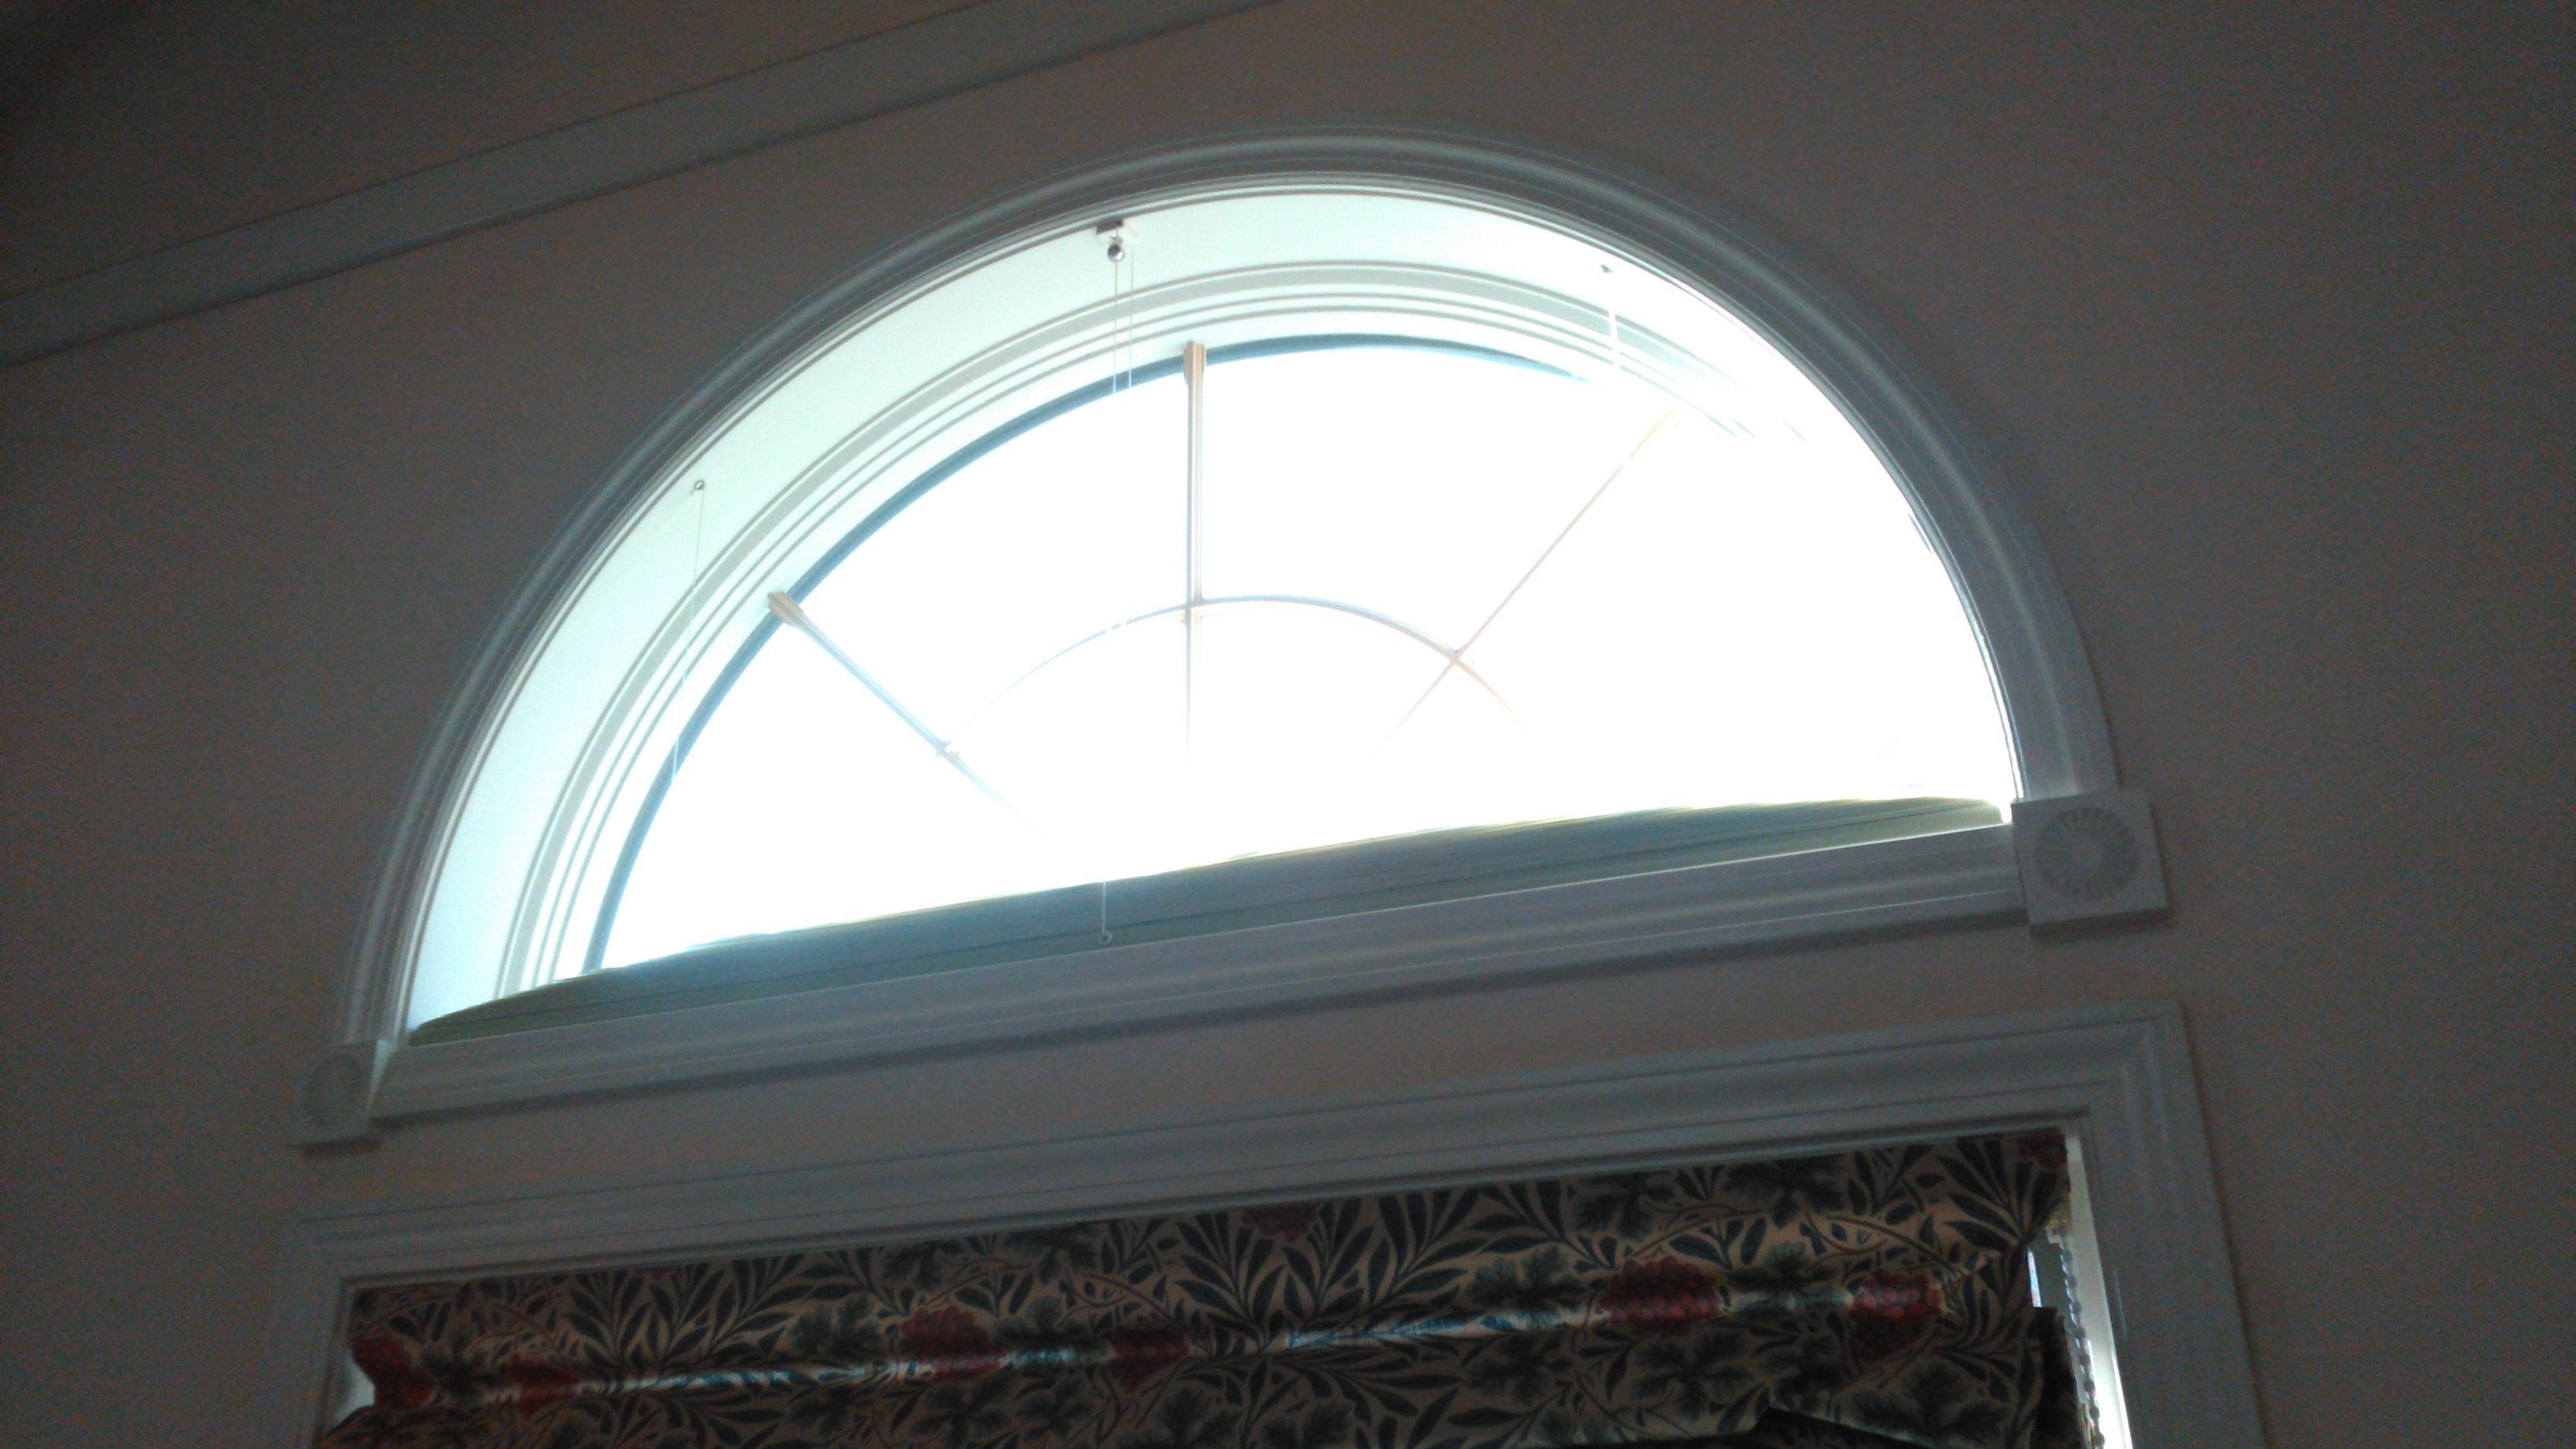 モリスの『カーテンとプレーンシェード』のクリーニングと半円窓の断熱工事 モリス正規販売店のブライト_c0157866_19240785.jpg